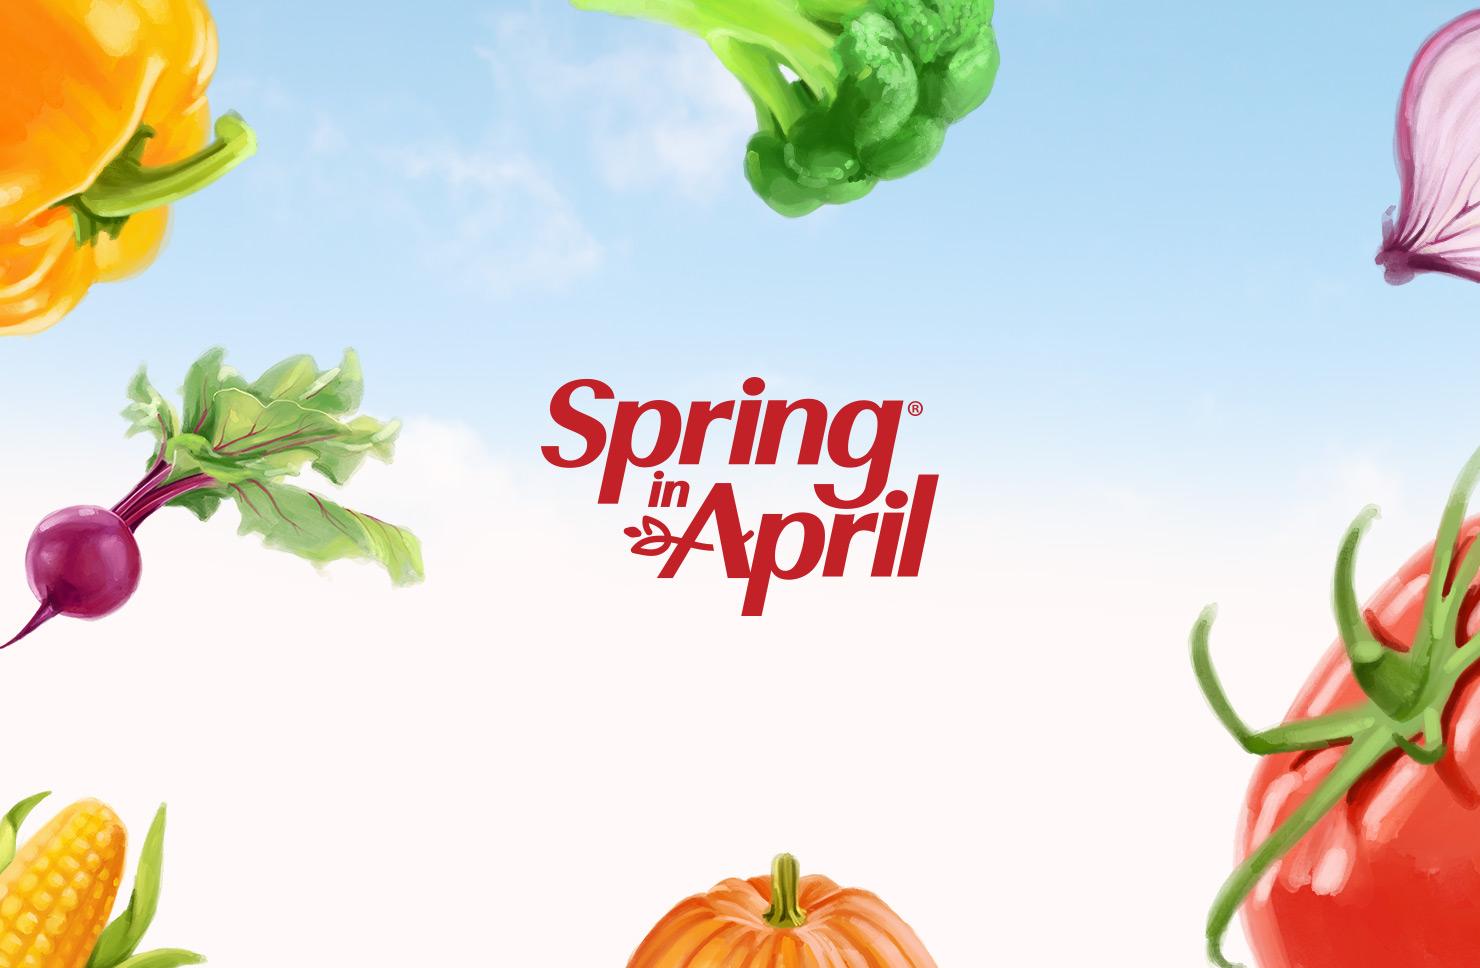 Spring in April